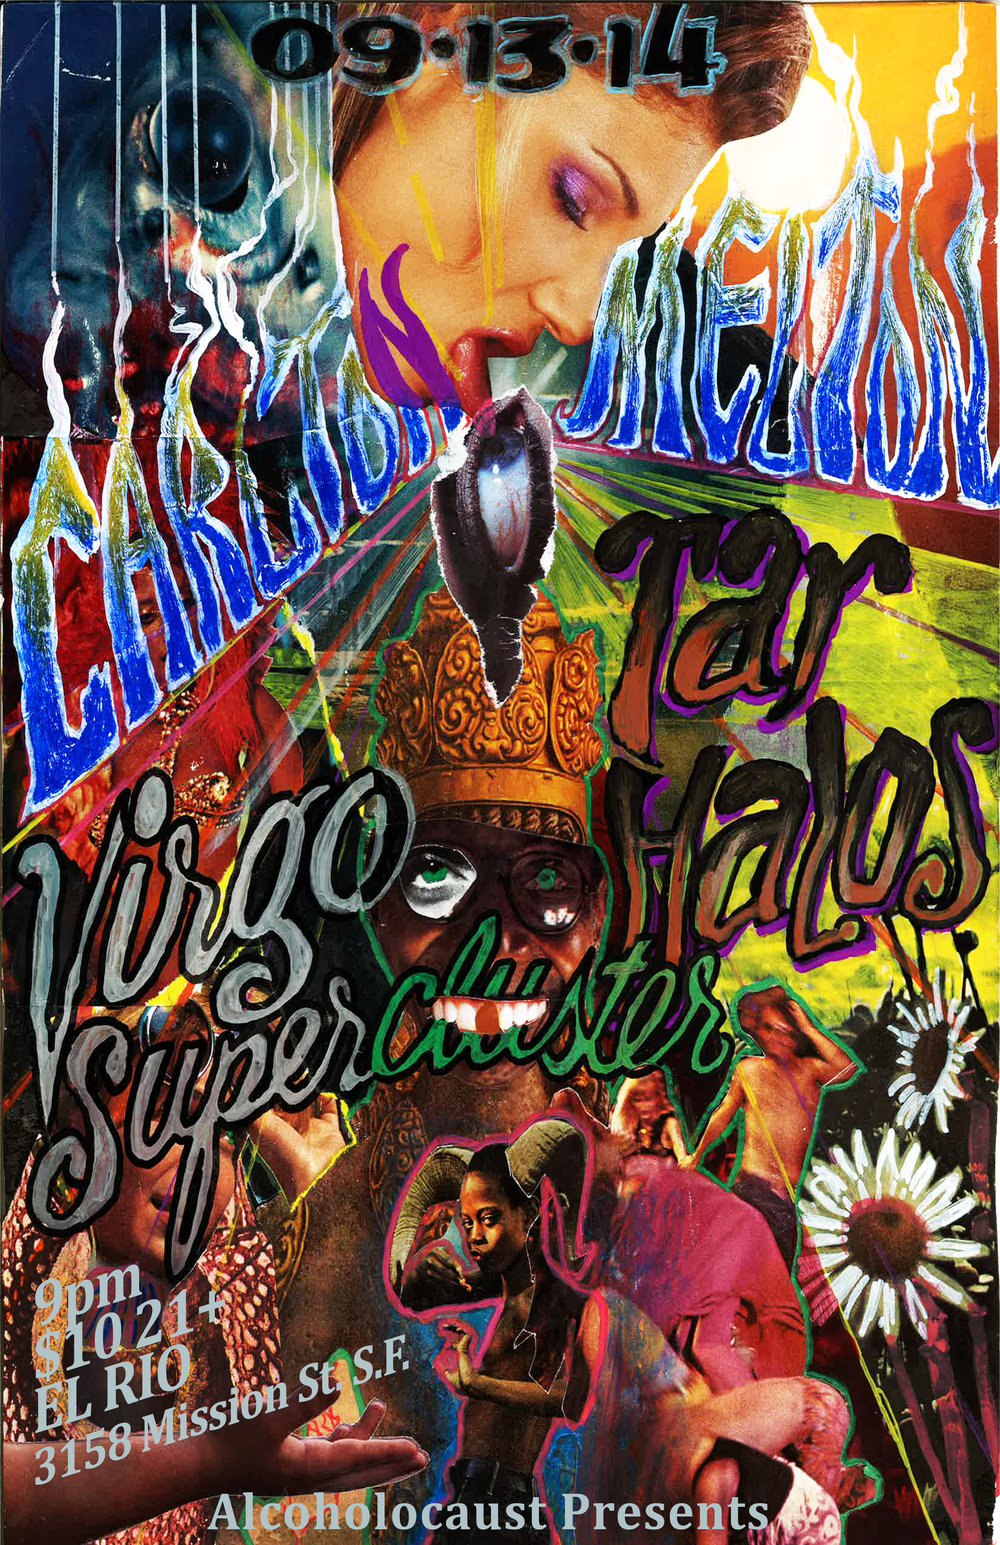 El Rio poster 9:13:14.jpg